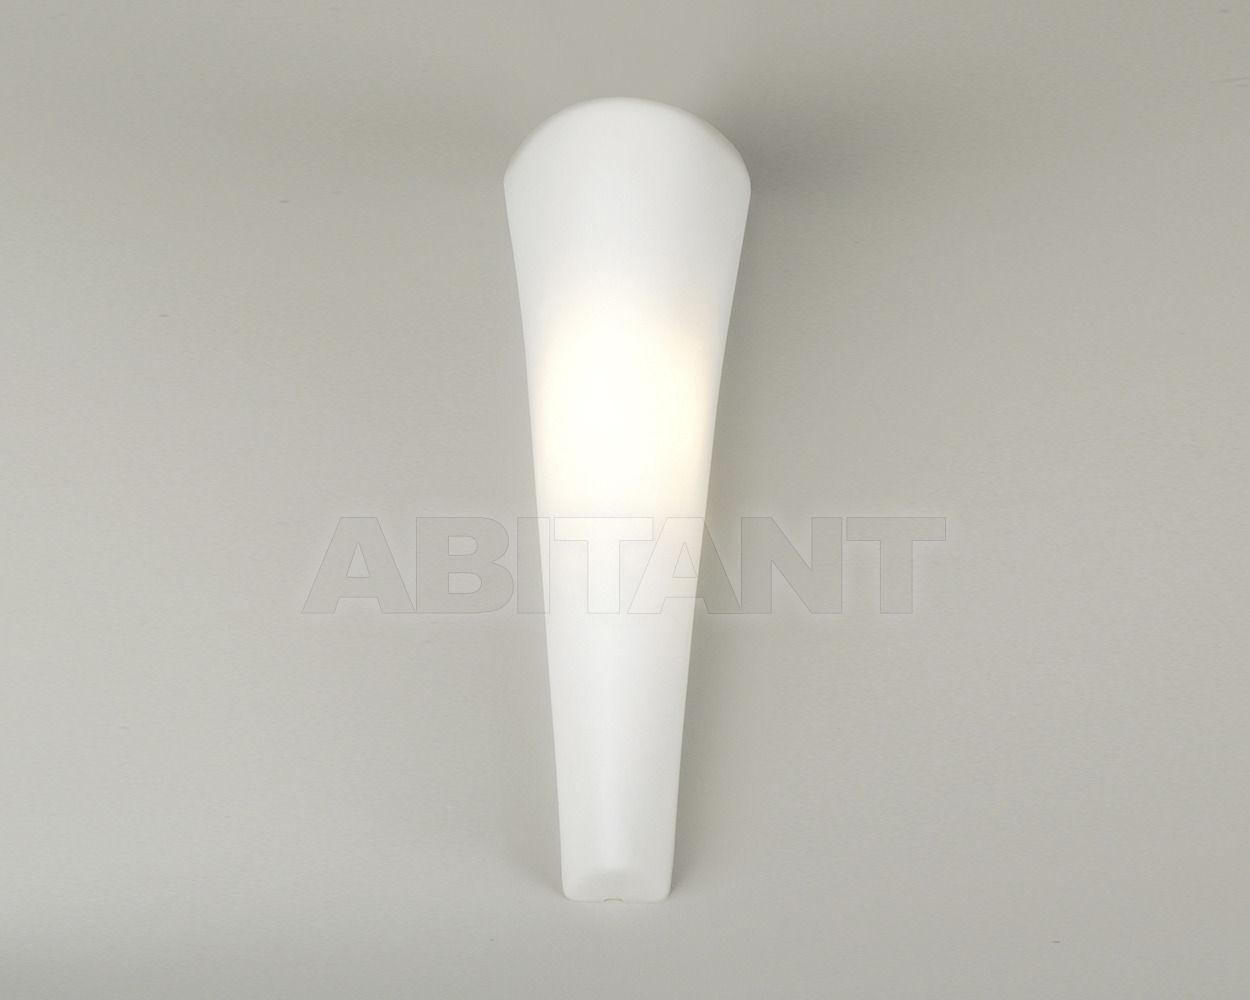 Купить Светильник настенный Linea Verdace 2012 LV 31013